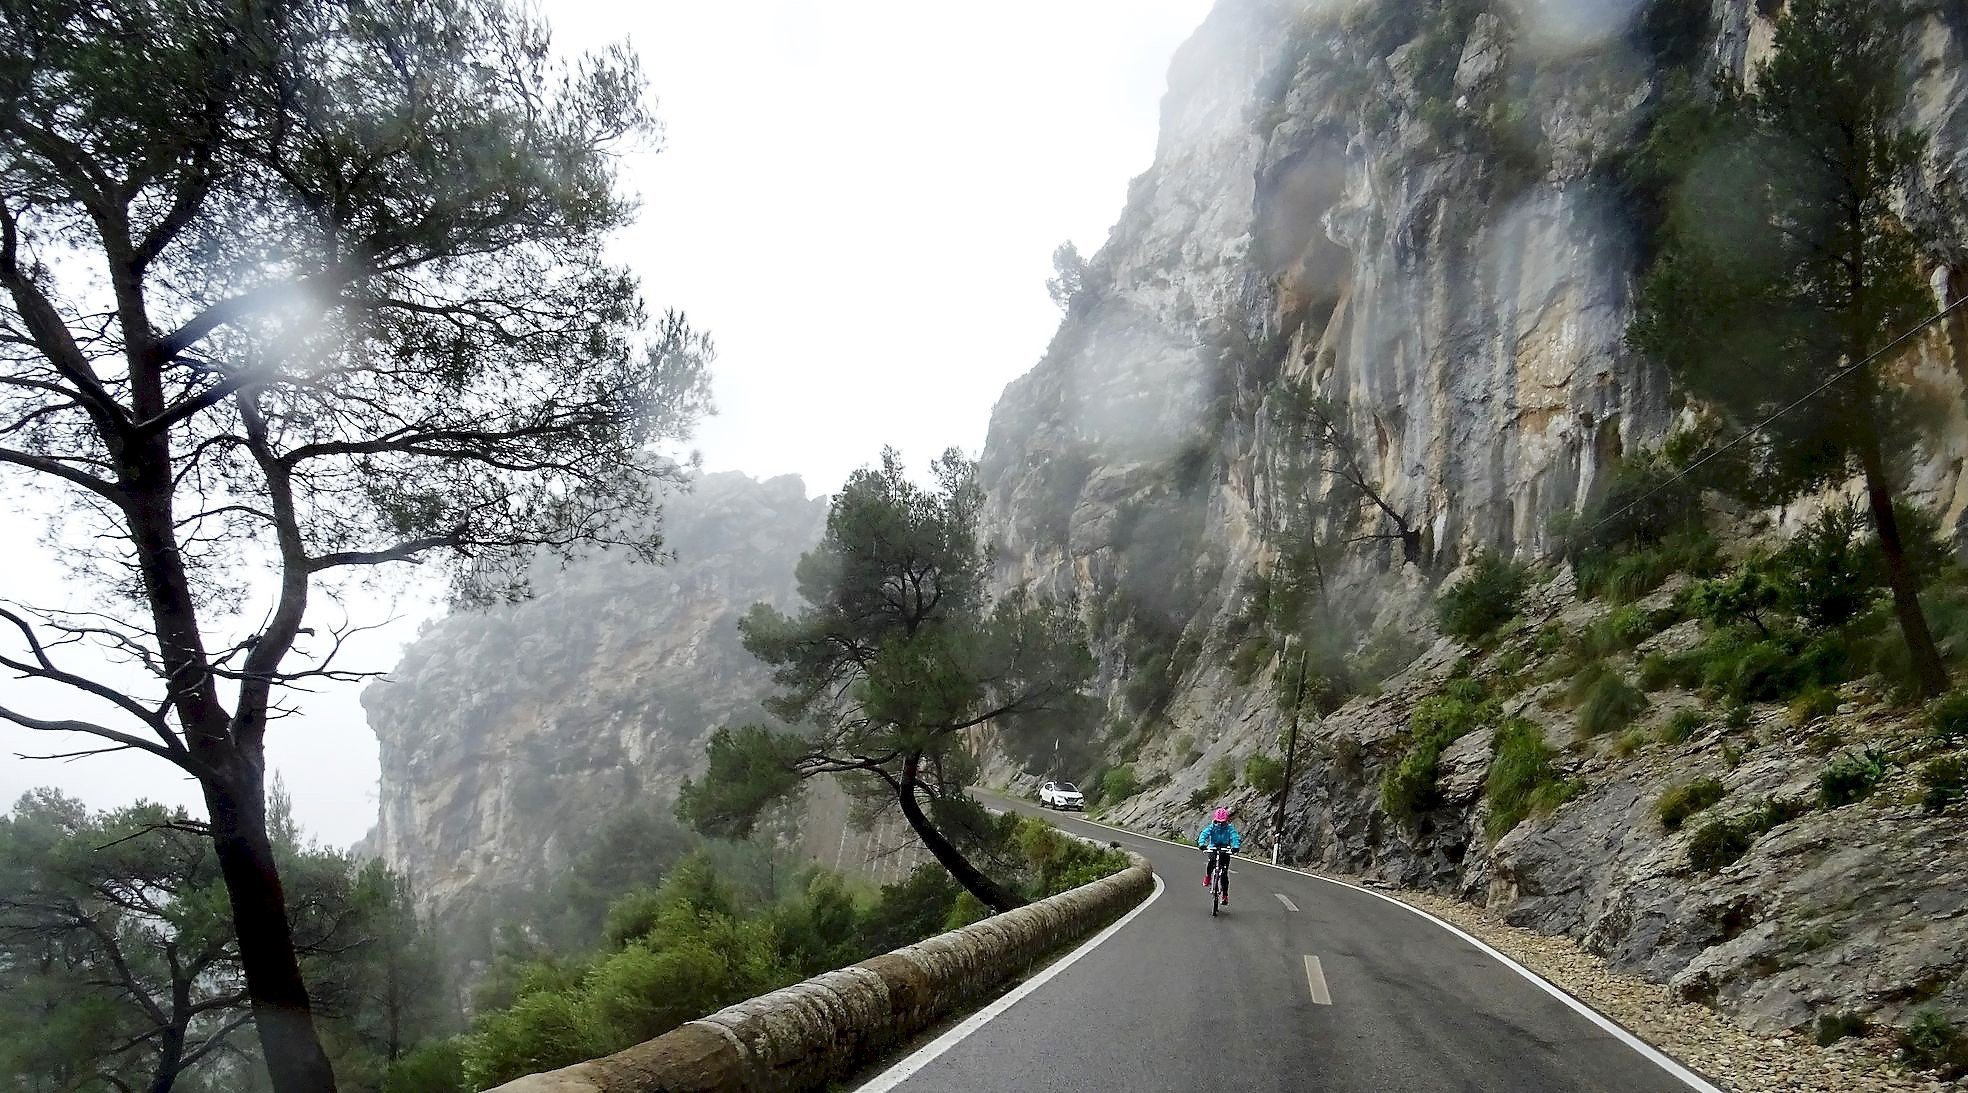 Serra de Tramuntana en bicicleta. Coll de Sa Batalla. BICIS EN RUTA. 1170x650